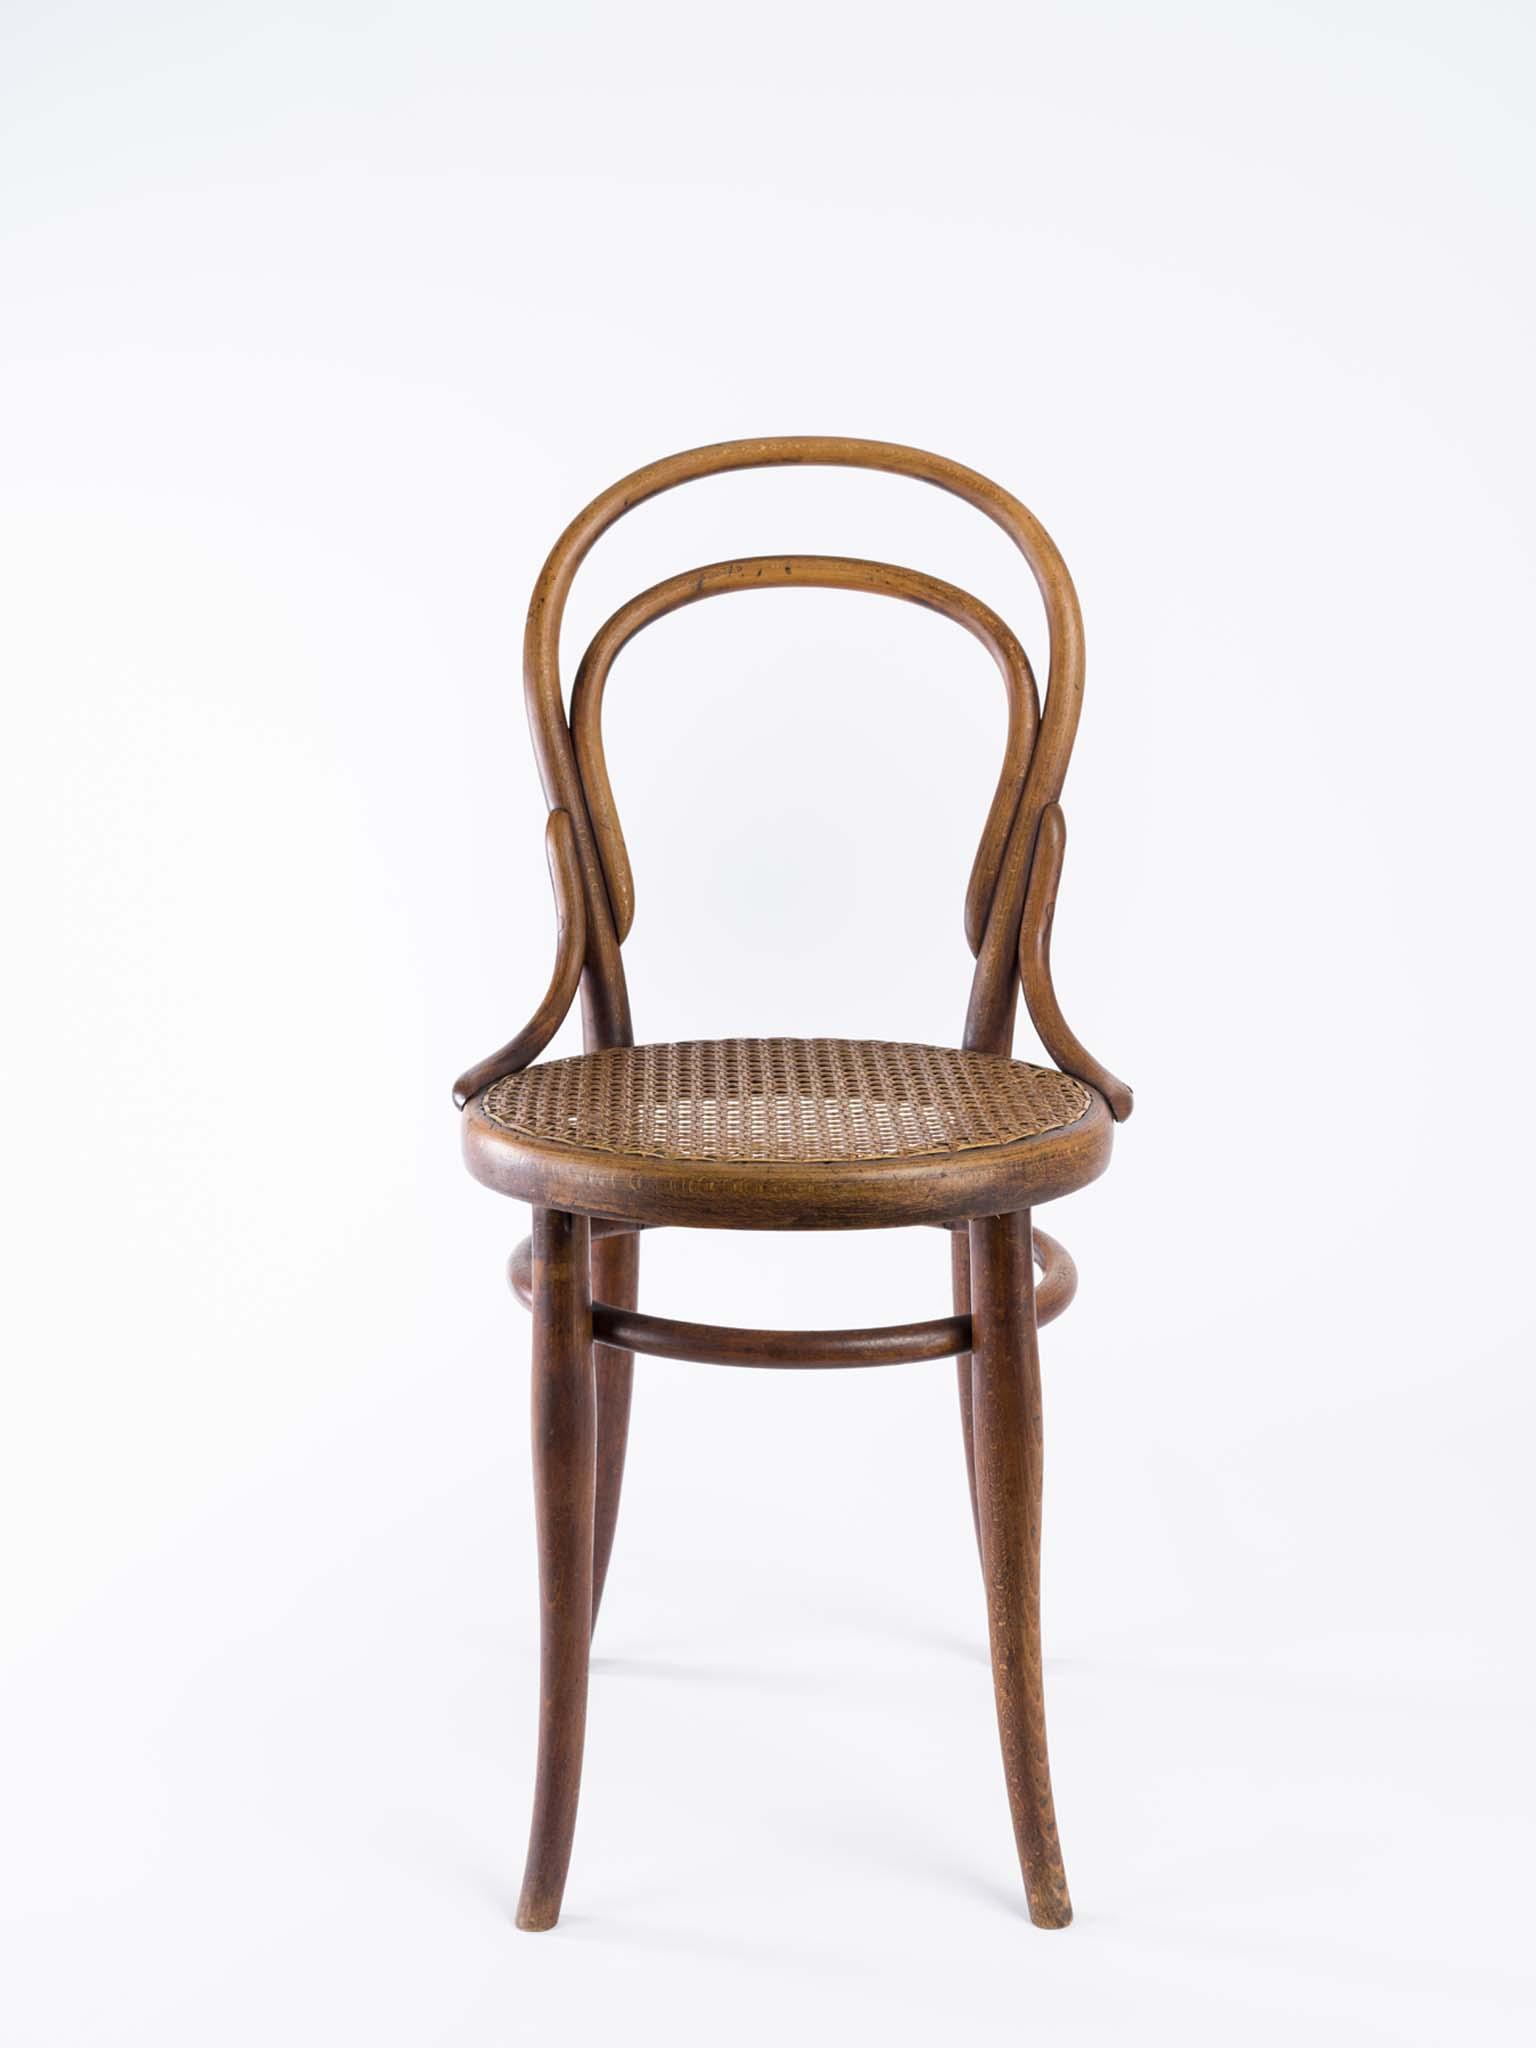 chaise n 14 thonet collection du mamc de saint etienne m tropole. Black Bedroom Furniture Sets. Home Design Ideas